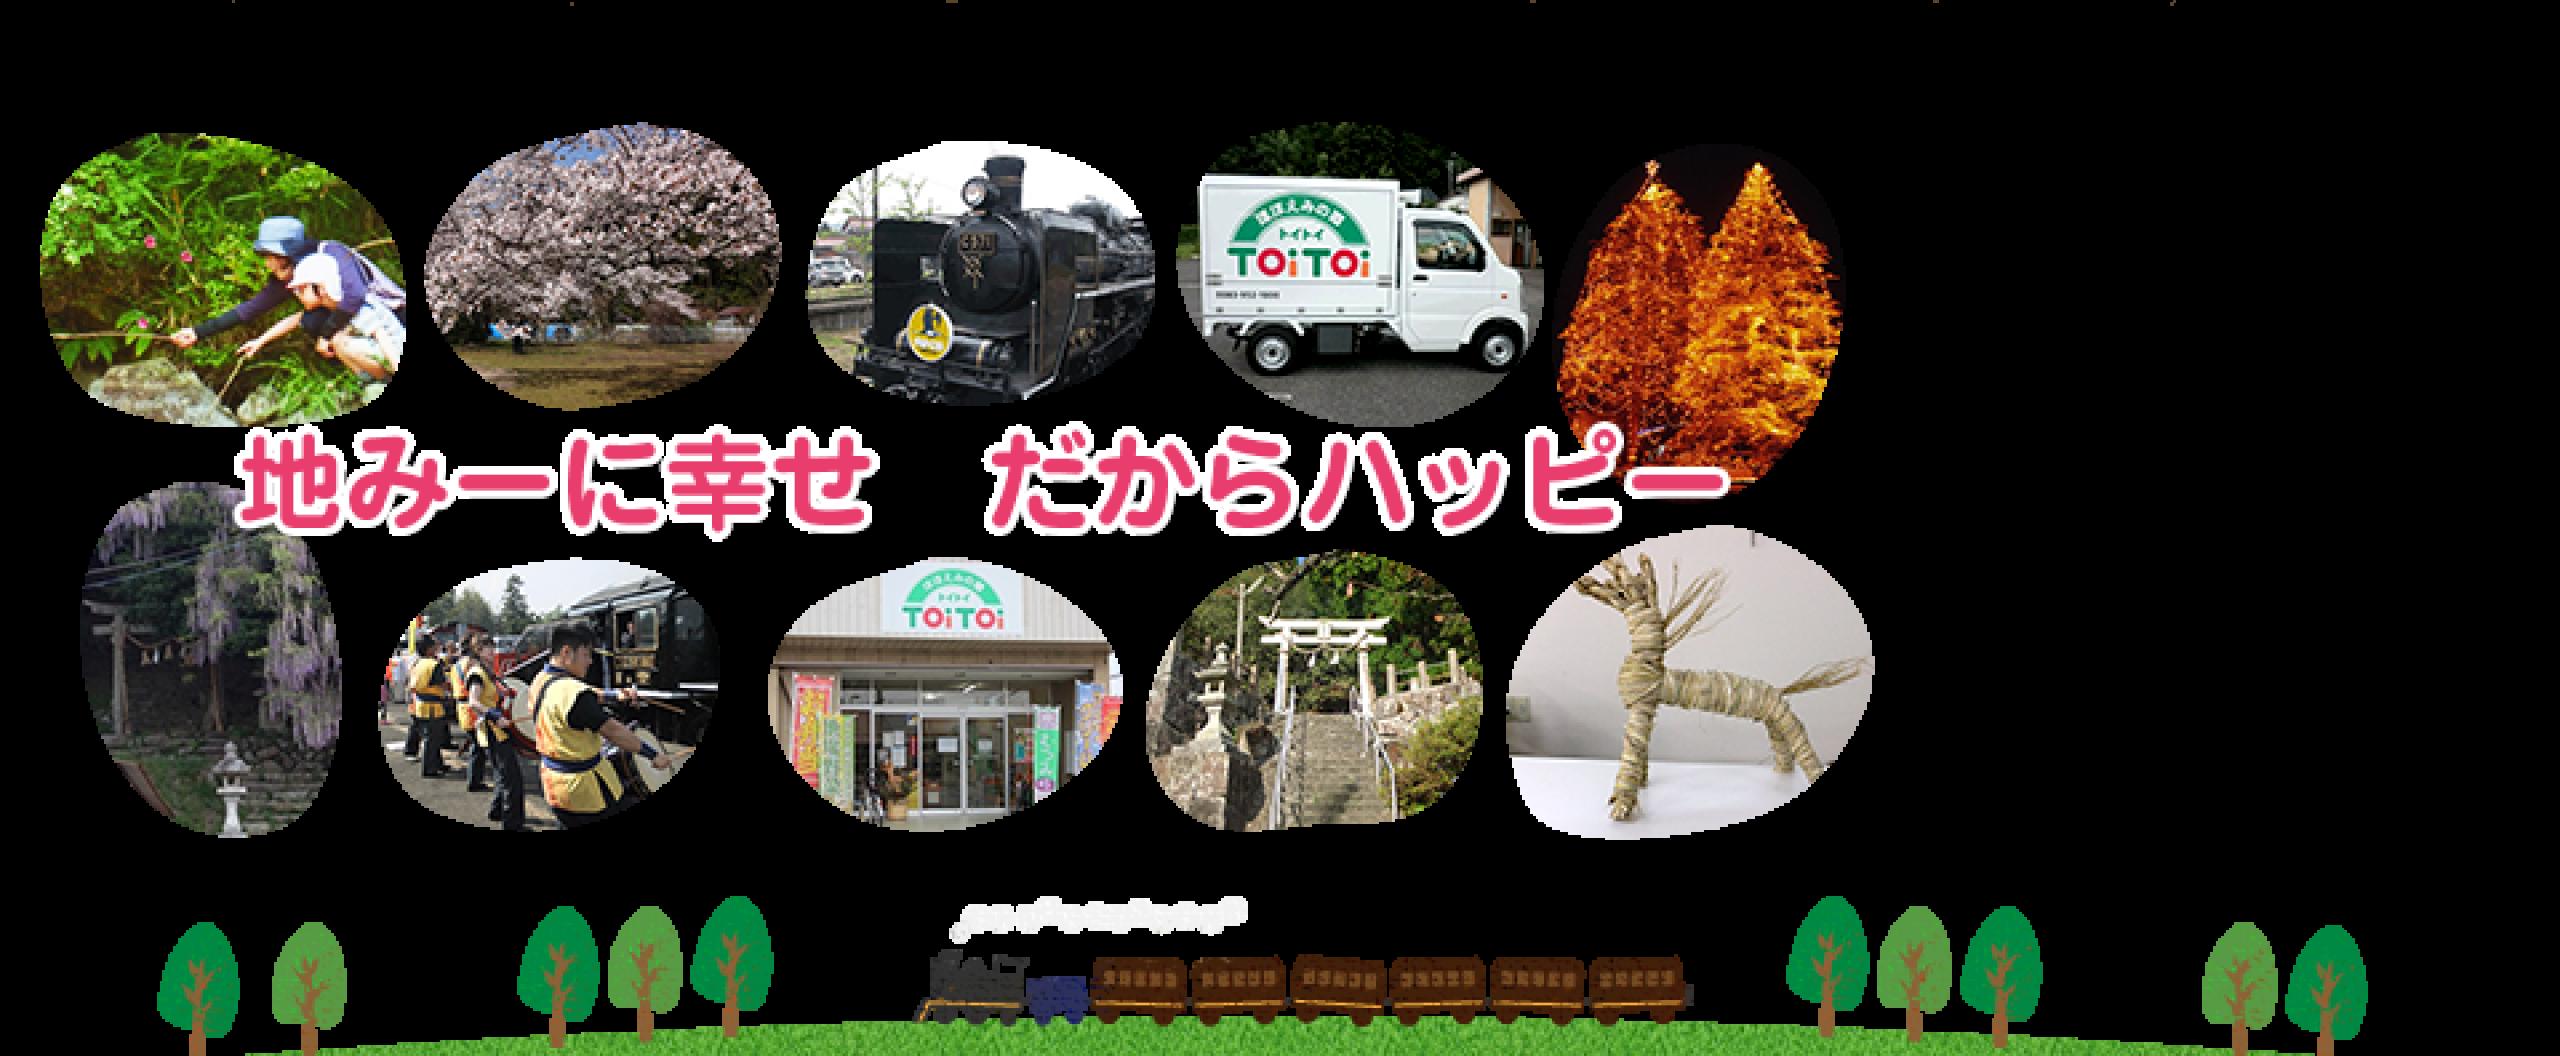 山口県阿東地区にある地福の良さをPRしていく、NPO法人ほほえみの郷トイトイのホームページです。